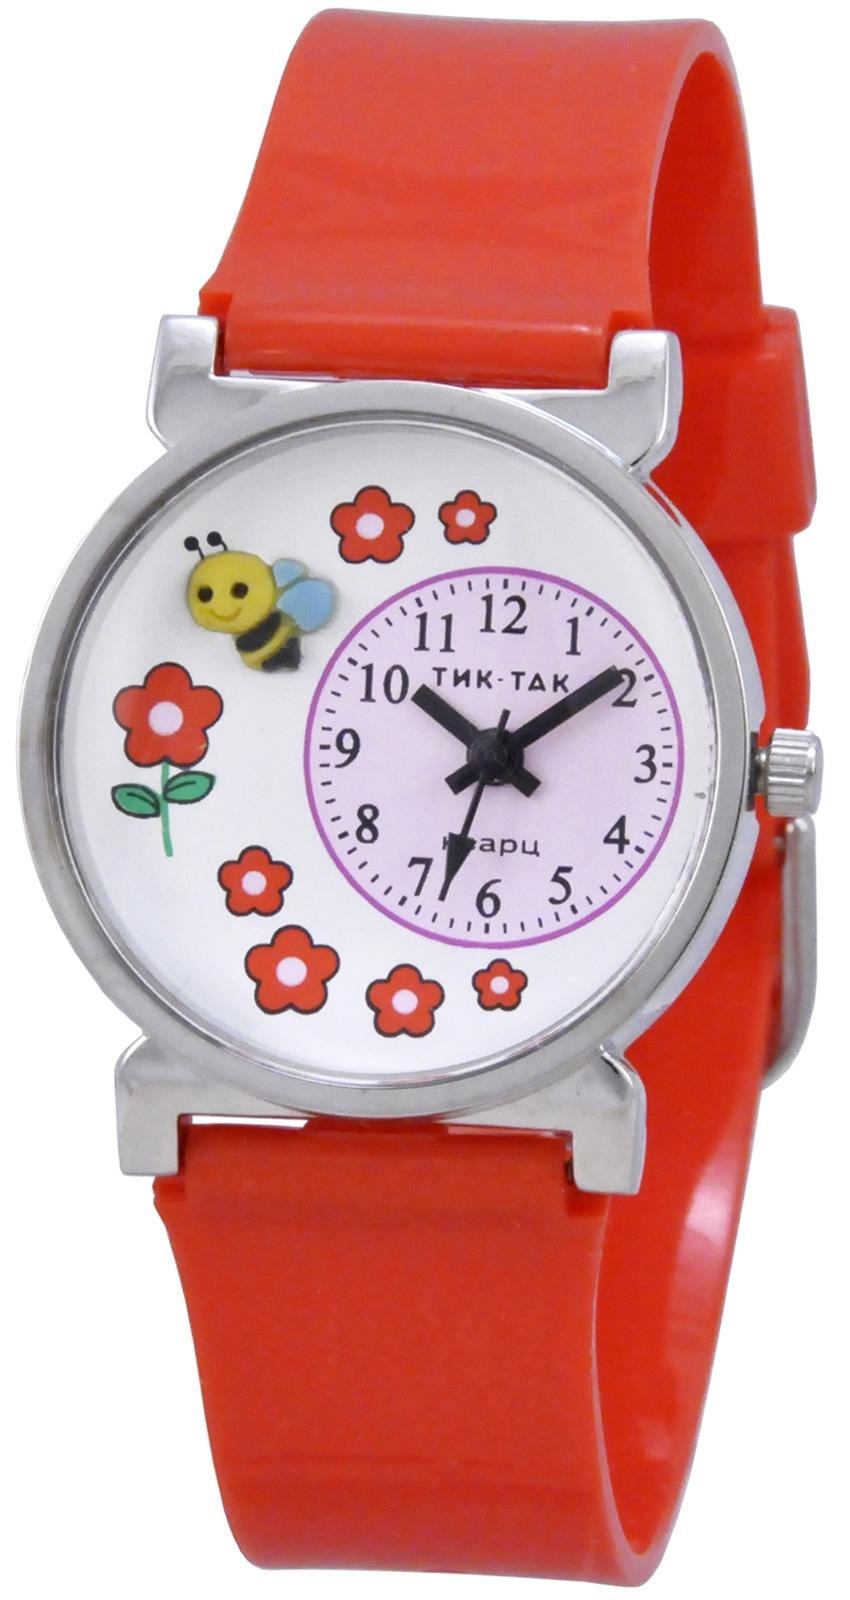 Наручные часы Тик-Так Н103-1 пчелка цена и фото